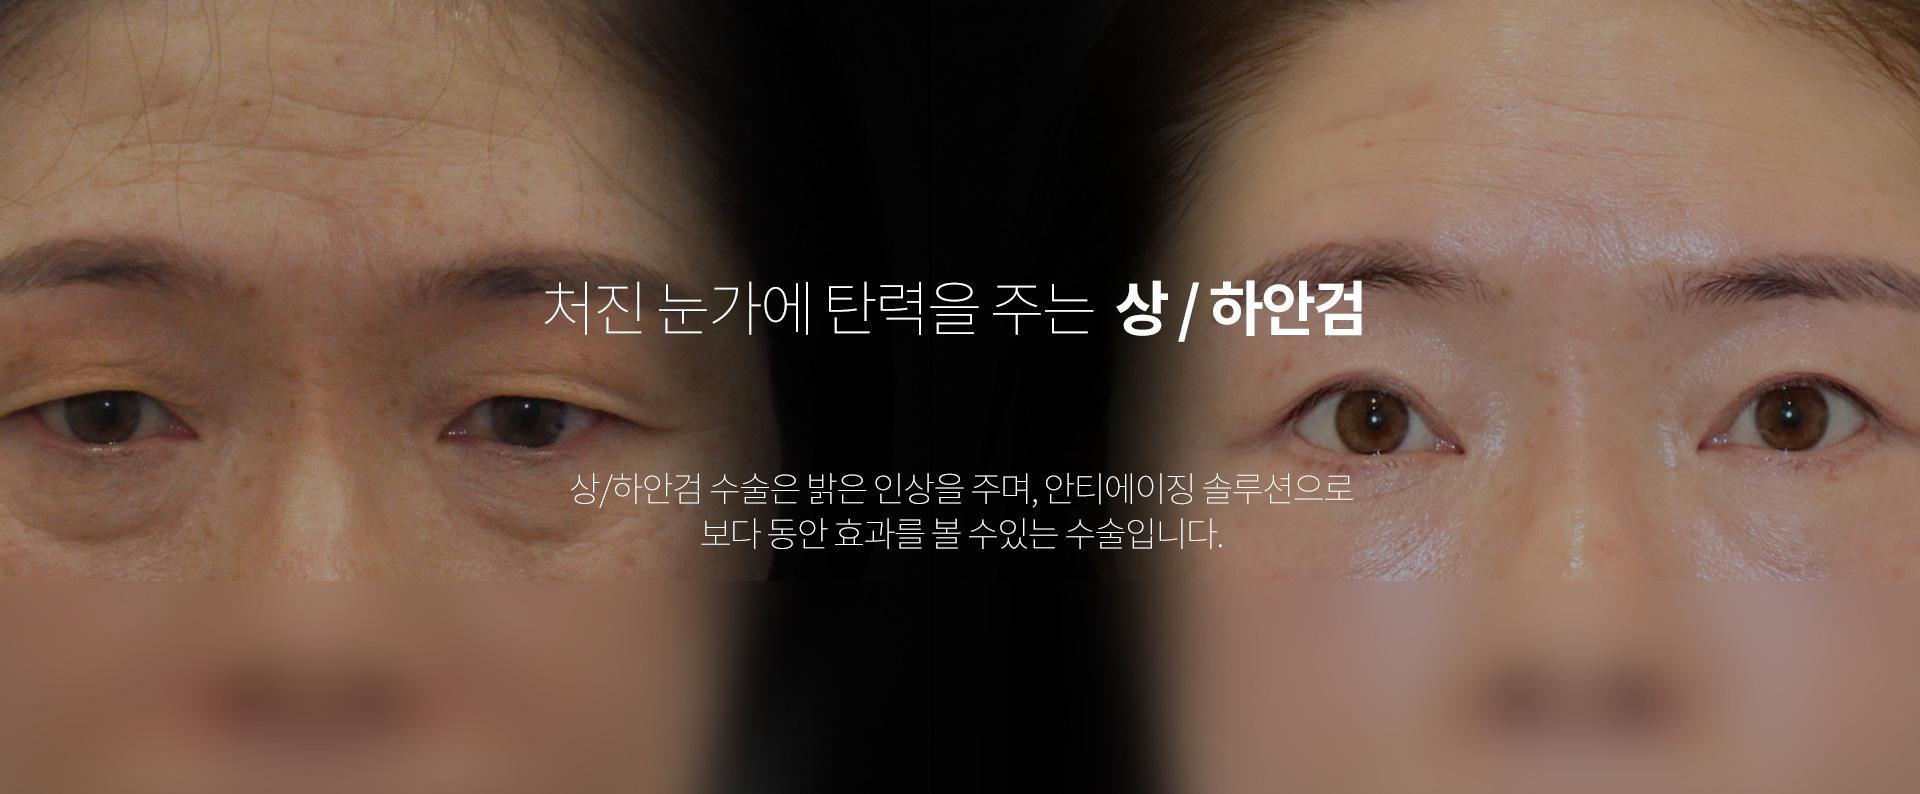 상하안검 01